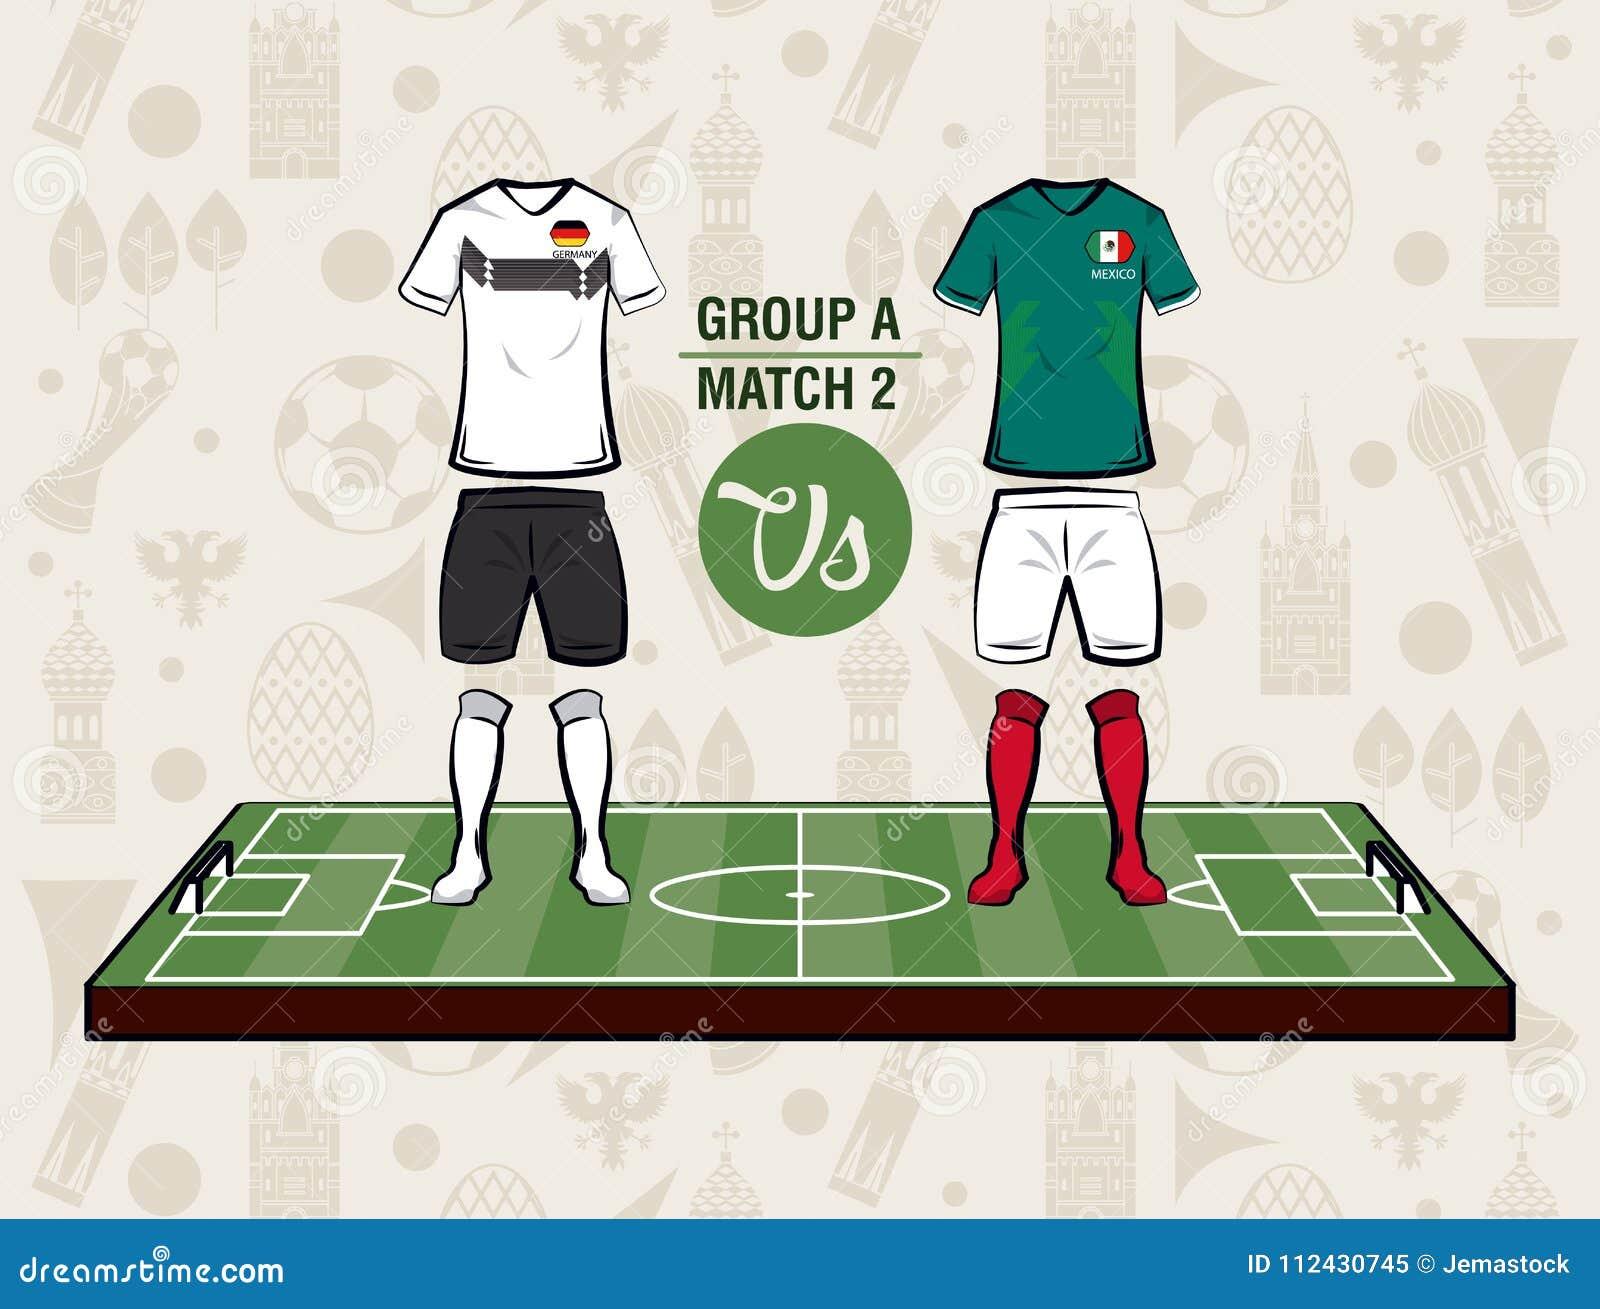 Αθλητική ένδυση Ρωσία 2018 ποδοσφαίρου